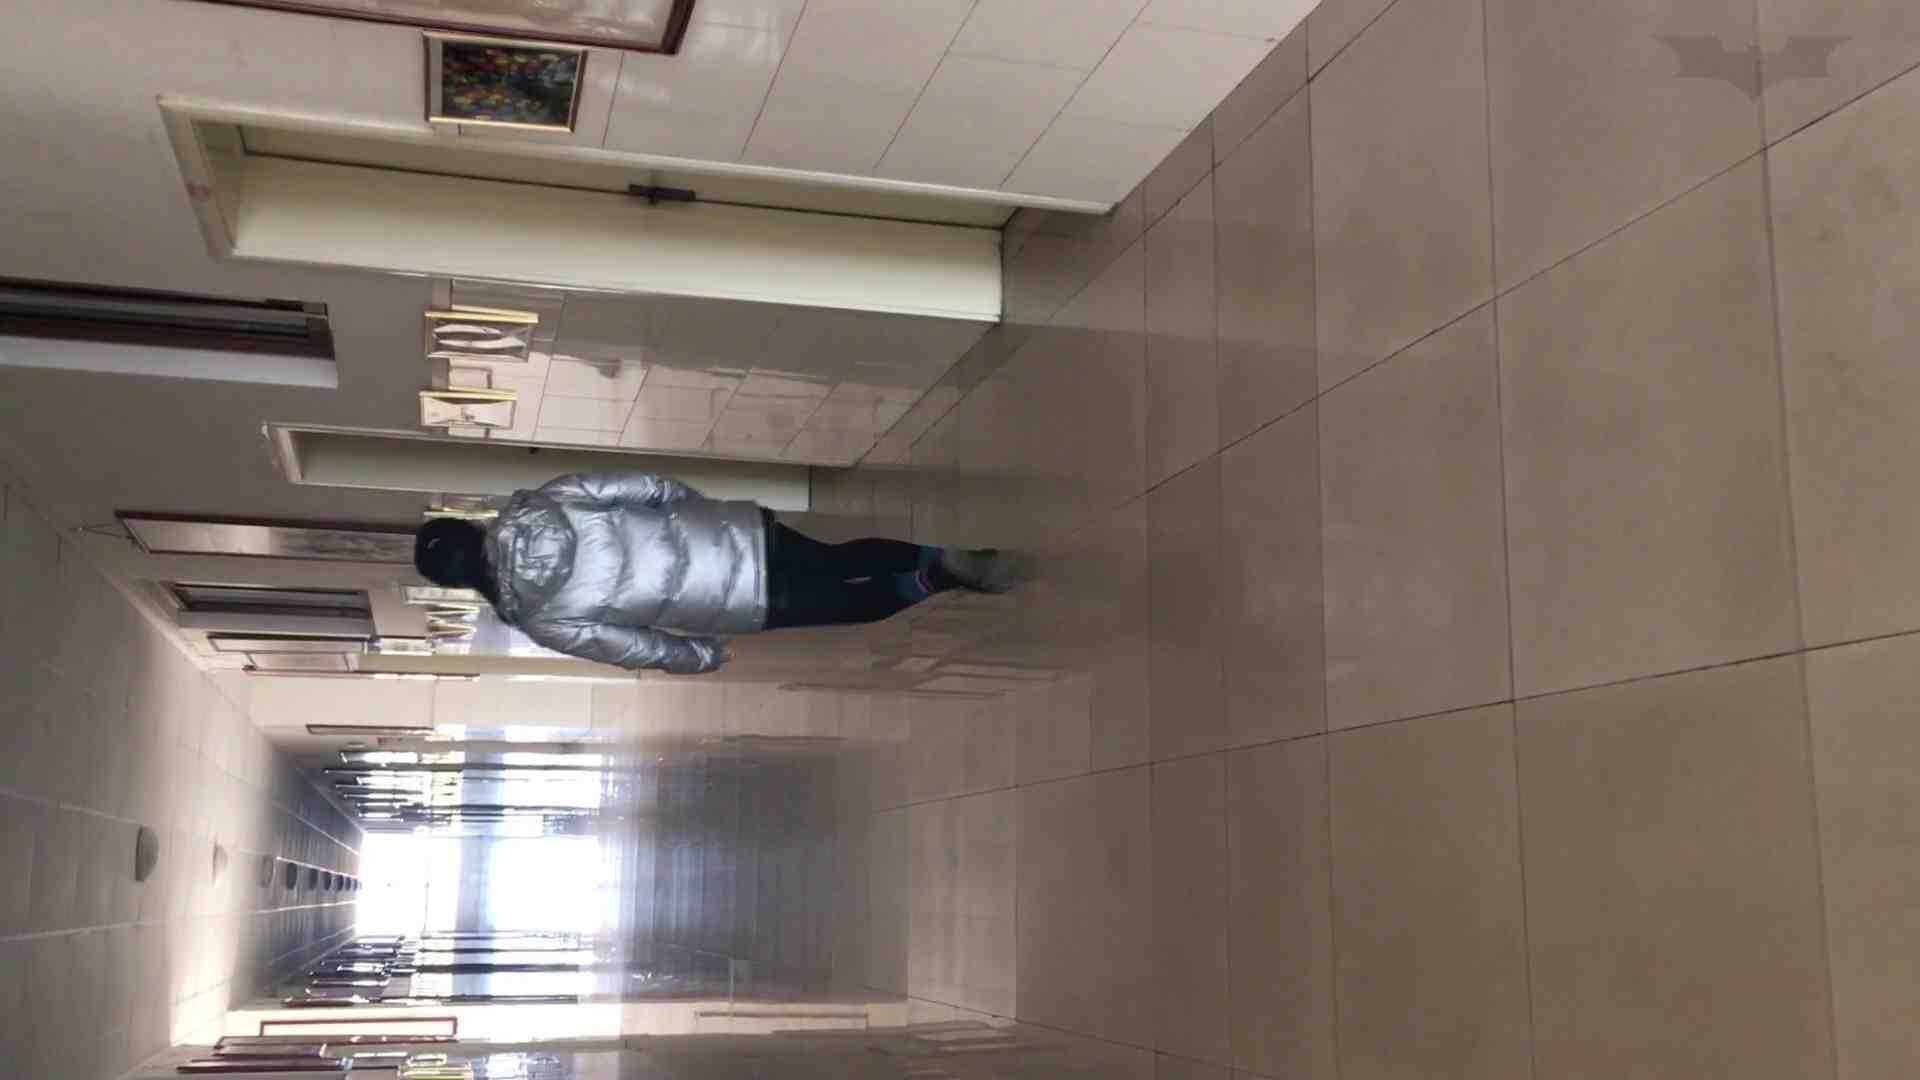 芸術大学ガチ潜入盗撮 JD盗撮 美女の洗面所の秘密 Vol.82 OLのボディ AV動画キャプチャ 83PIX 9